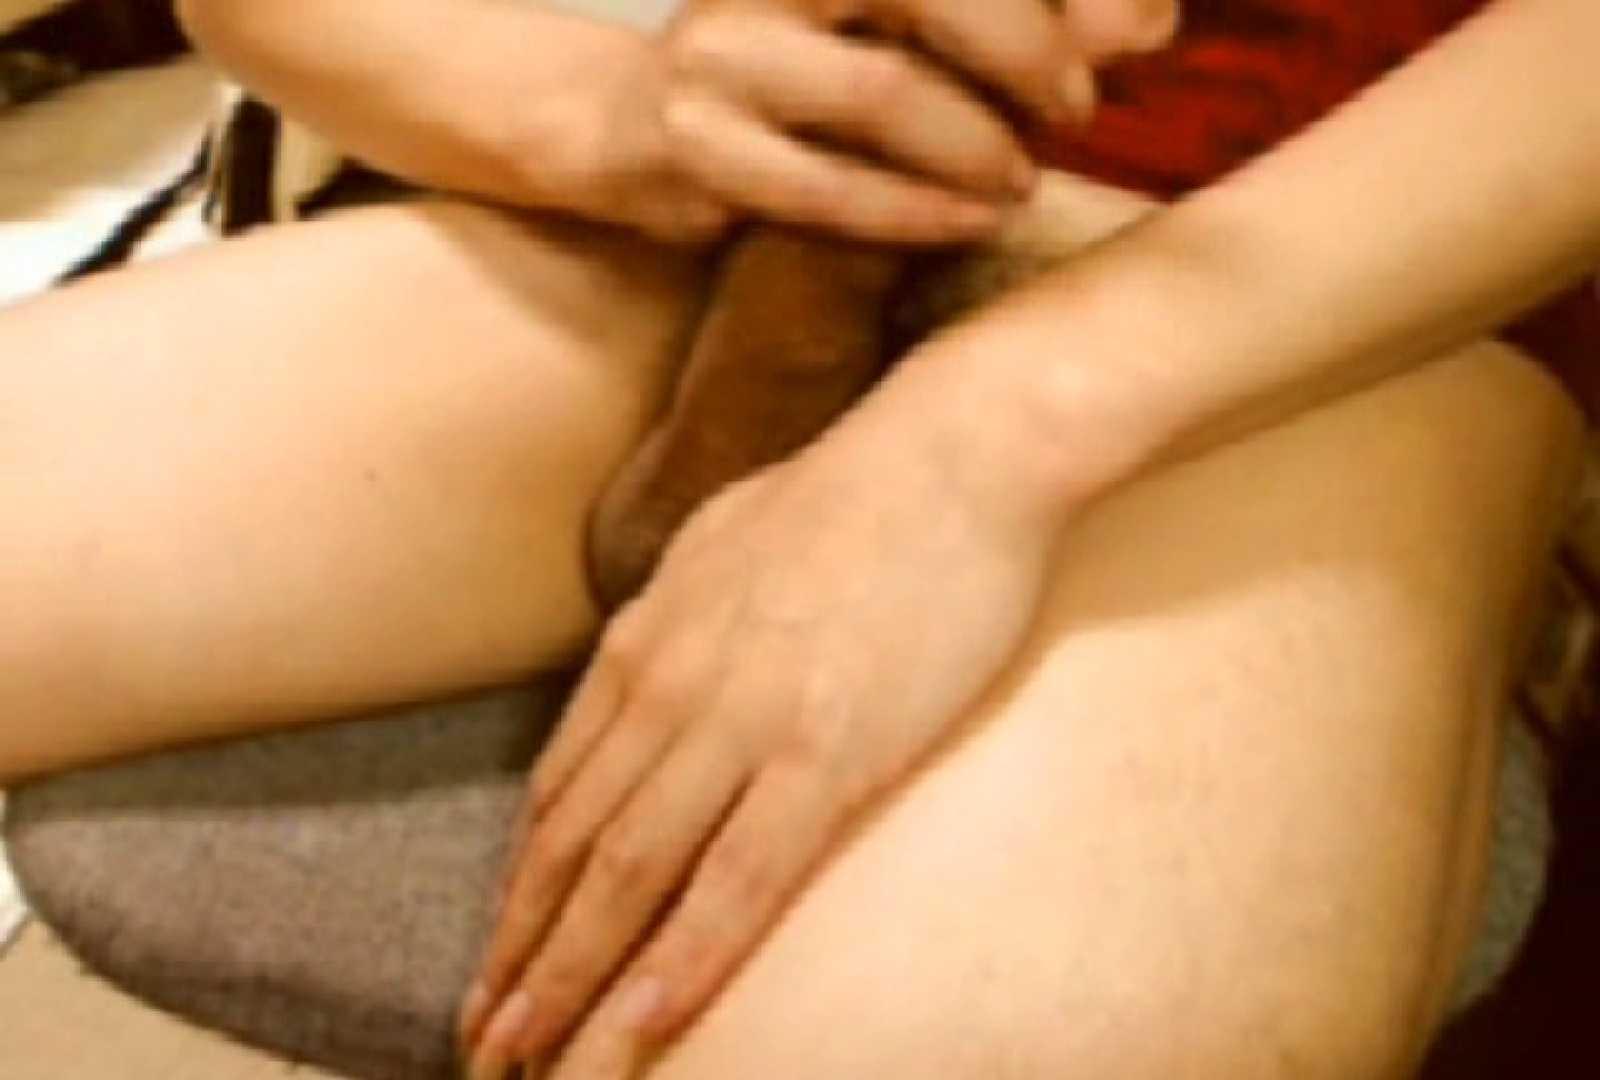 ヴィジュアル系超イケメンもっこりビッグダディ!!vol.1 モ無し エロビデオ紹介 81枚 65